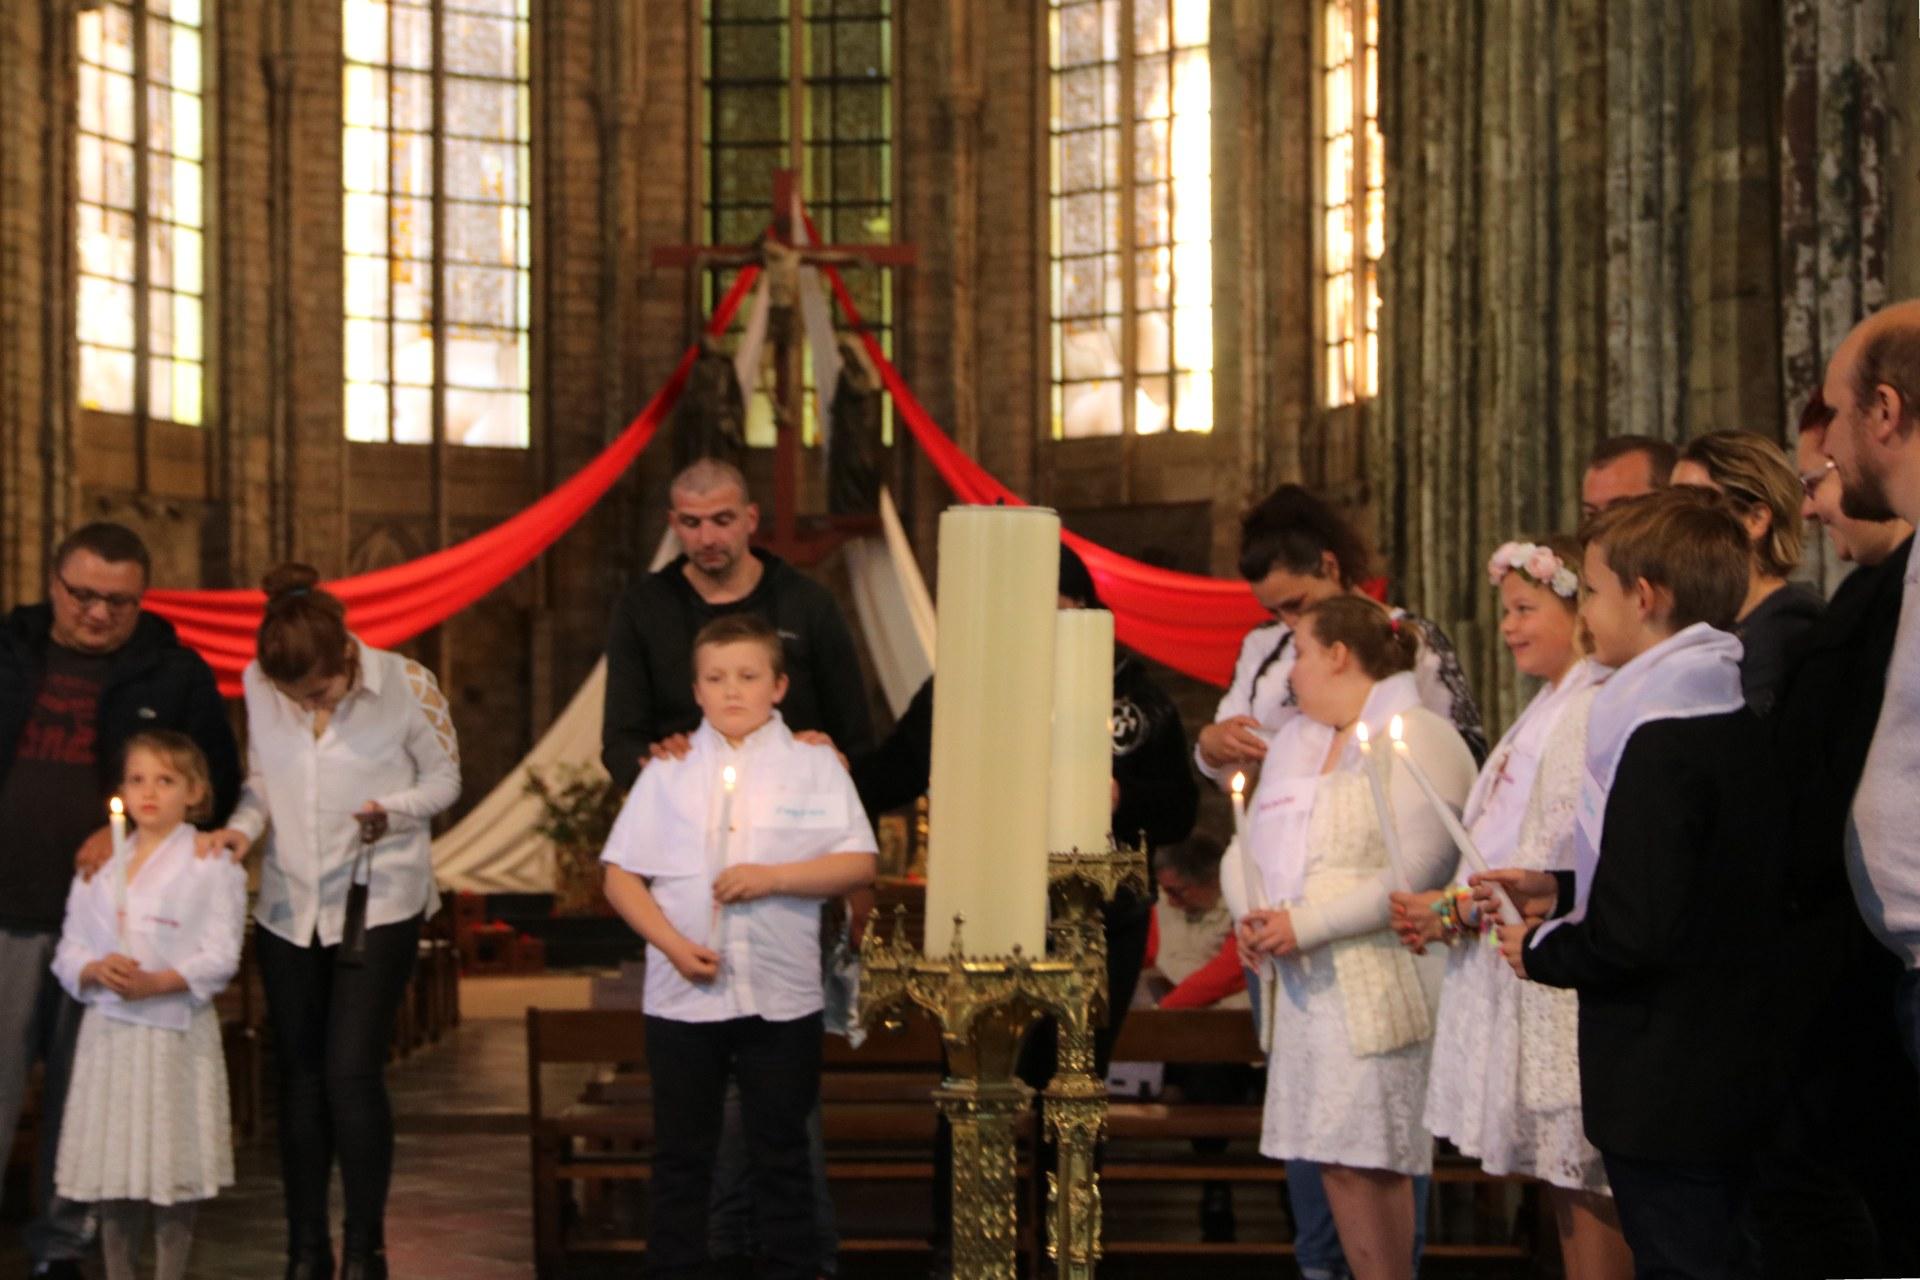 1905_Célébration de baptêmes (7 -12 ans) 117